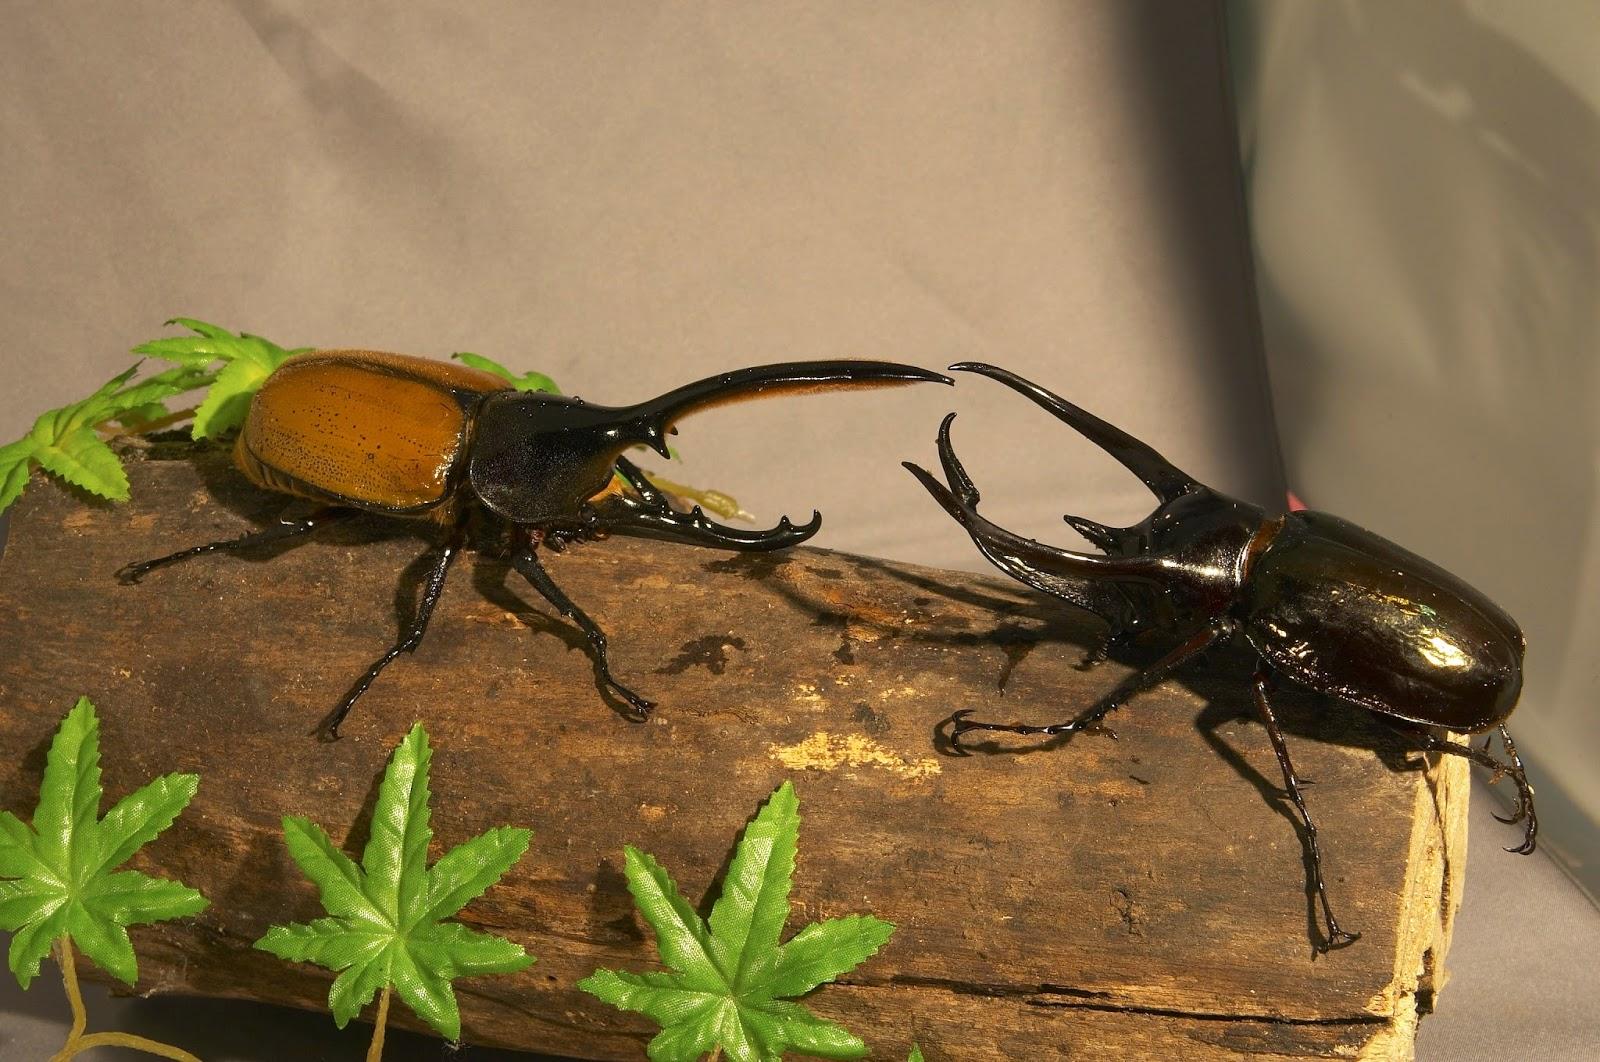 甲蟲-赫克力士大兜蟲(有特色的宜蘭民宿甲蟲森林)@有特色的臺灣宜蘭民宿-甲蟲森林|PChome 個人新聞臺